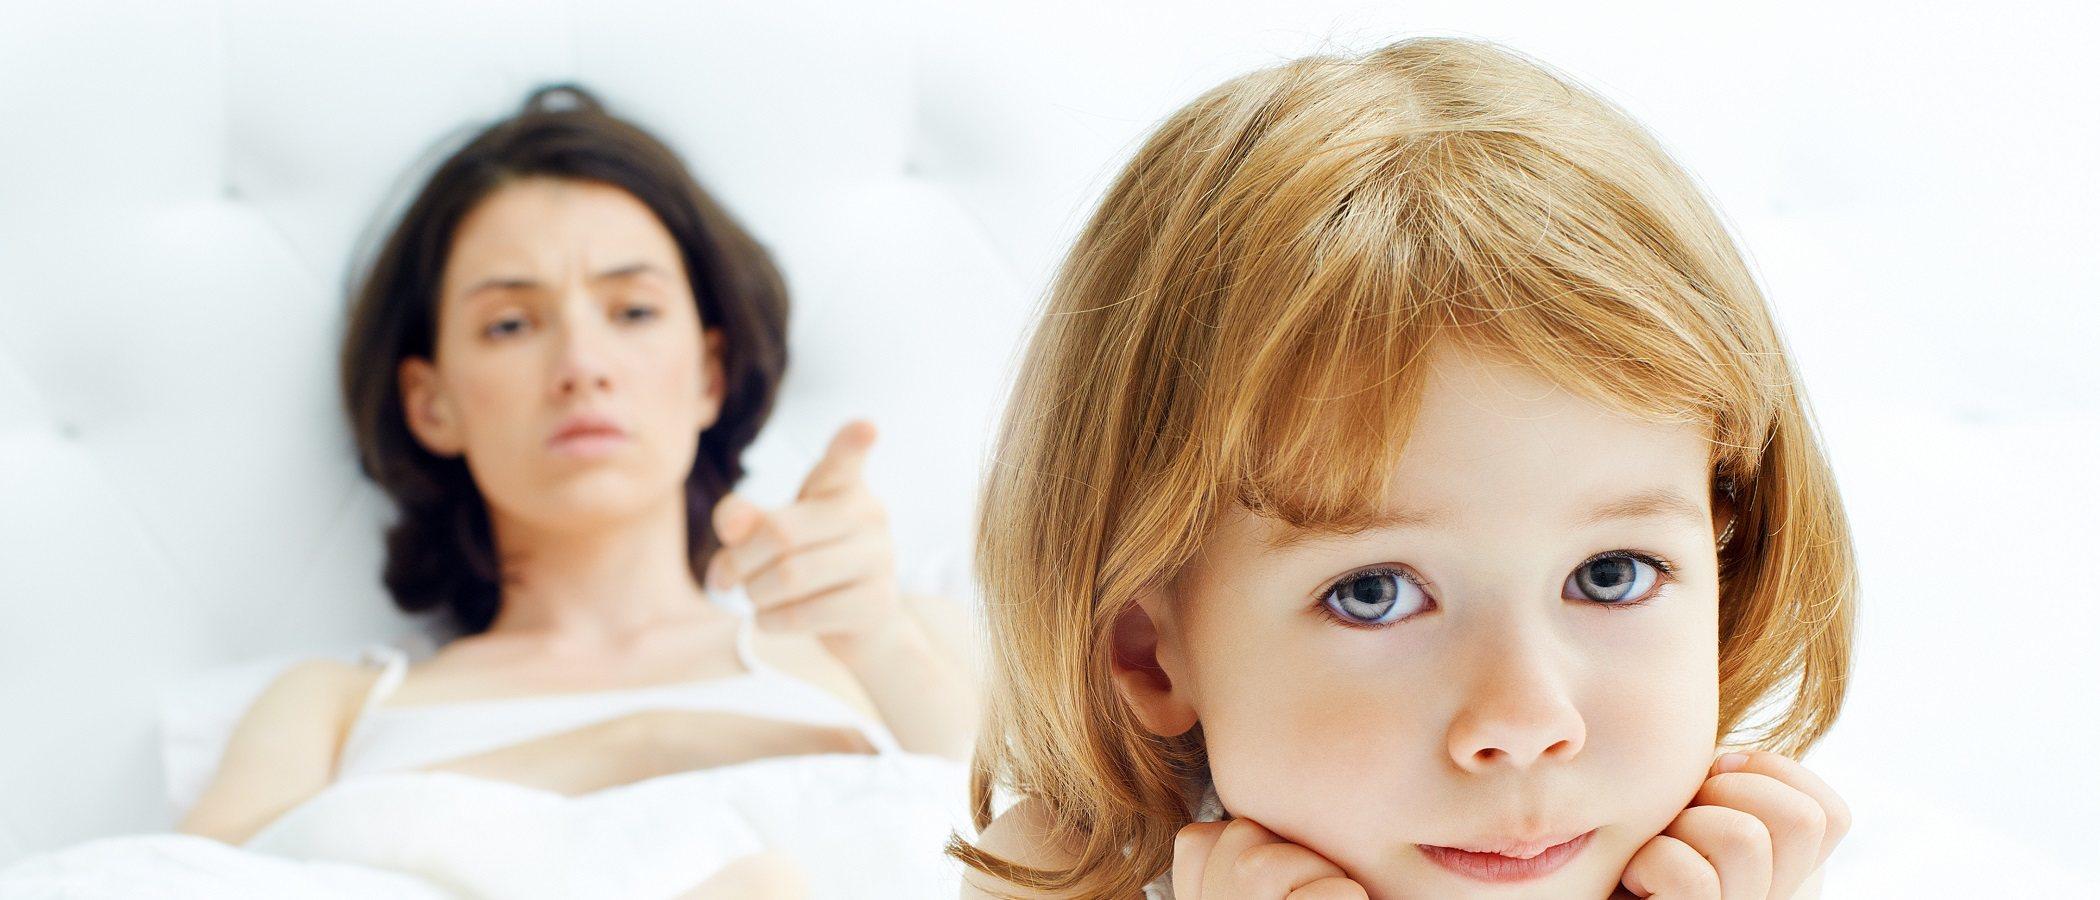 Problemas emocionales: los que tu hijo calla y sus acciones gritan